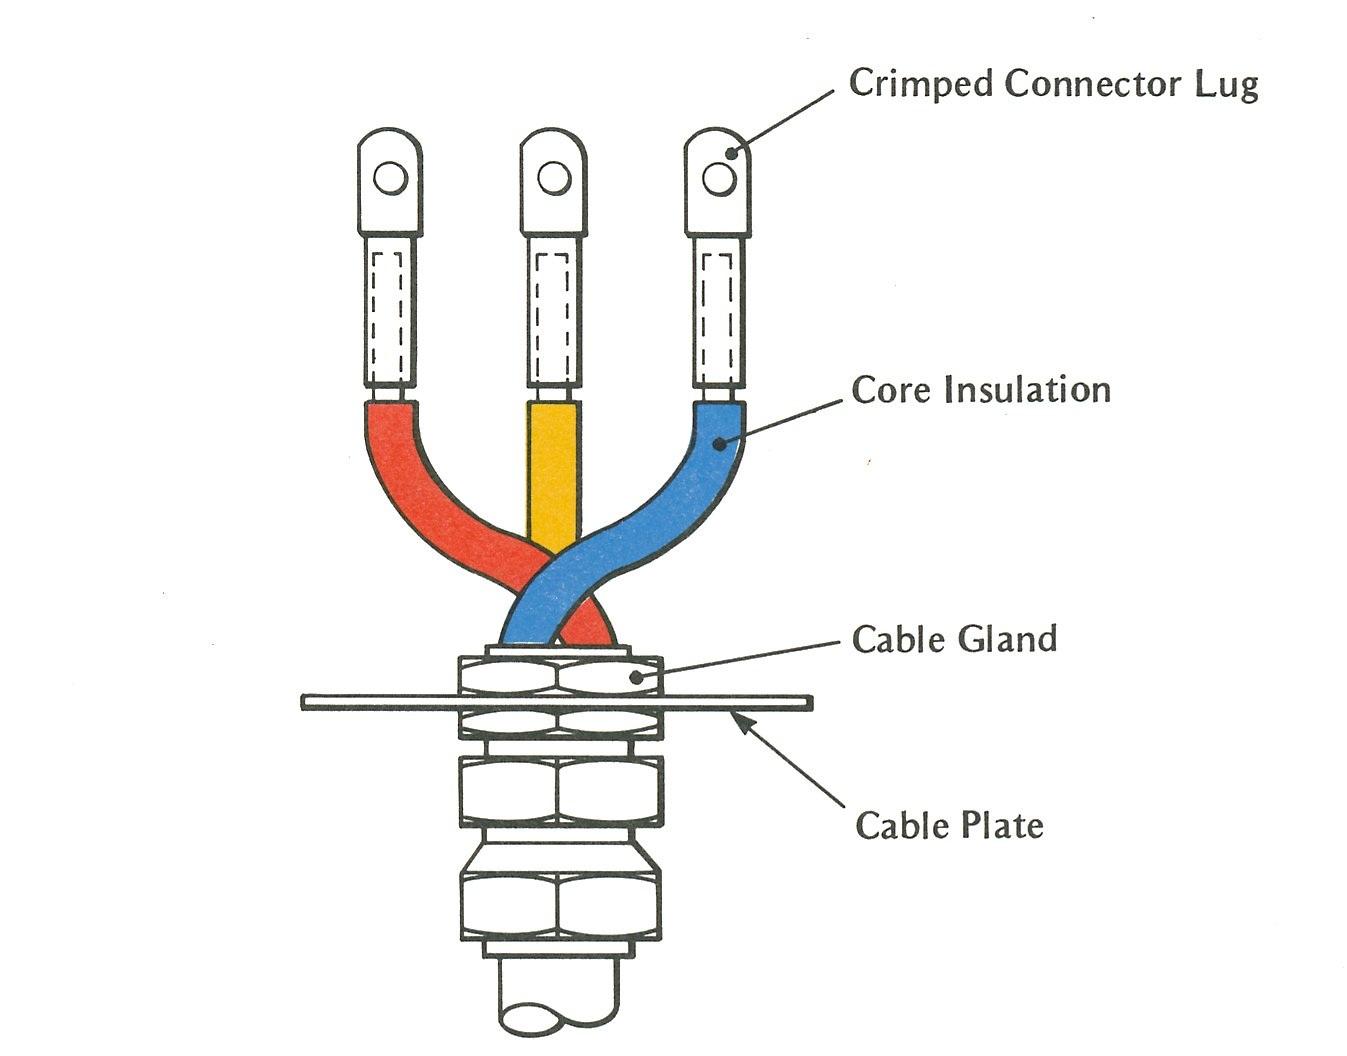 medium resolution of 6 lead motor wiring diagram 6 lead electric motor wiring shunt trip wiring emergency stop emergency